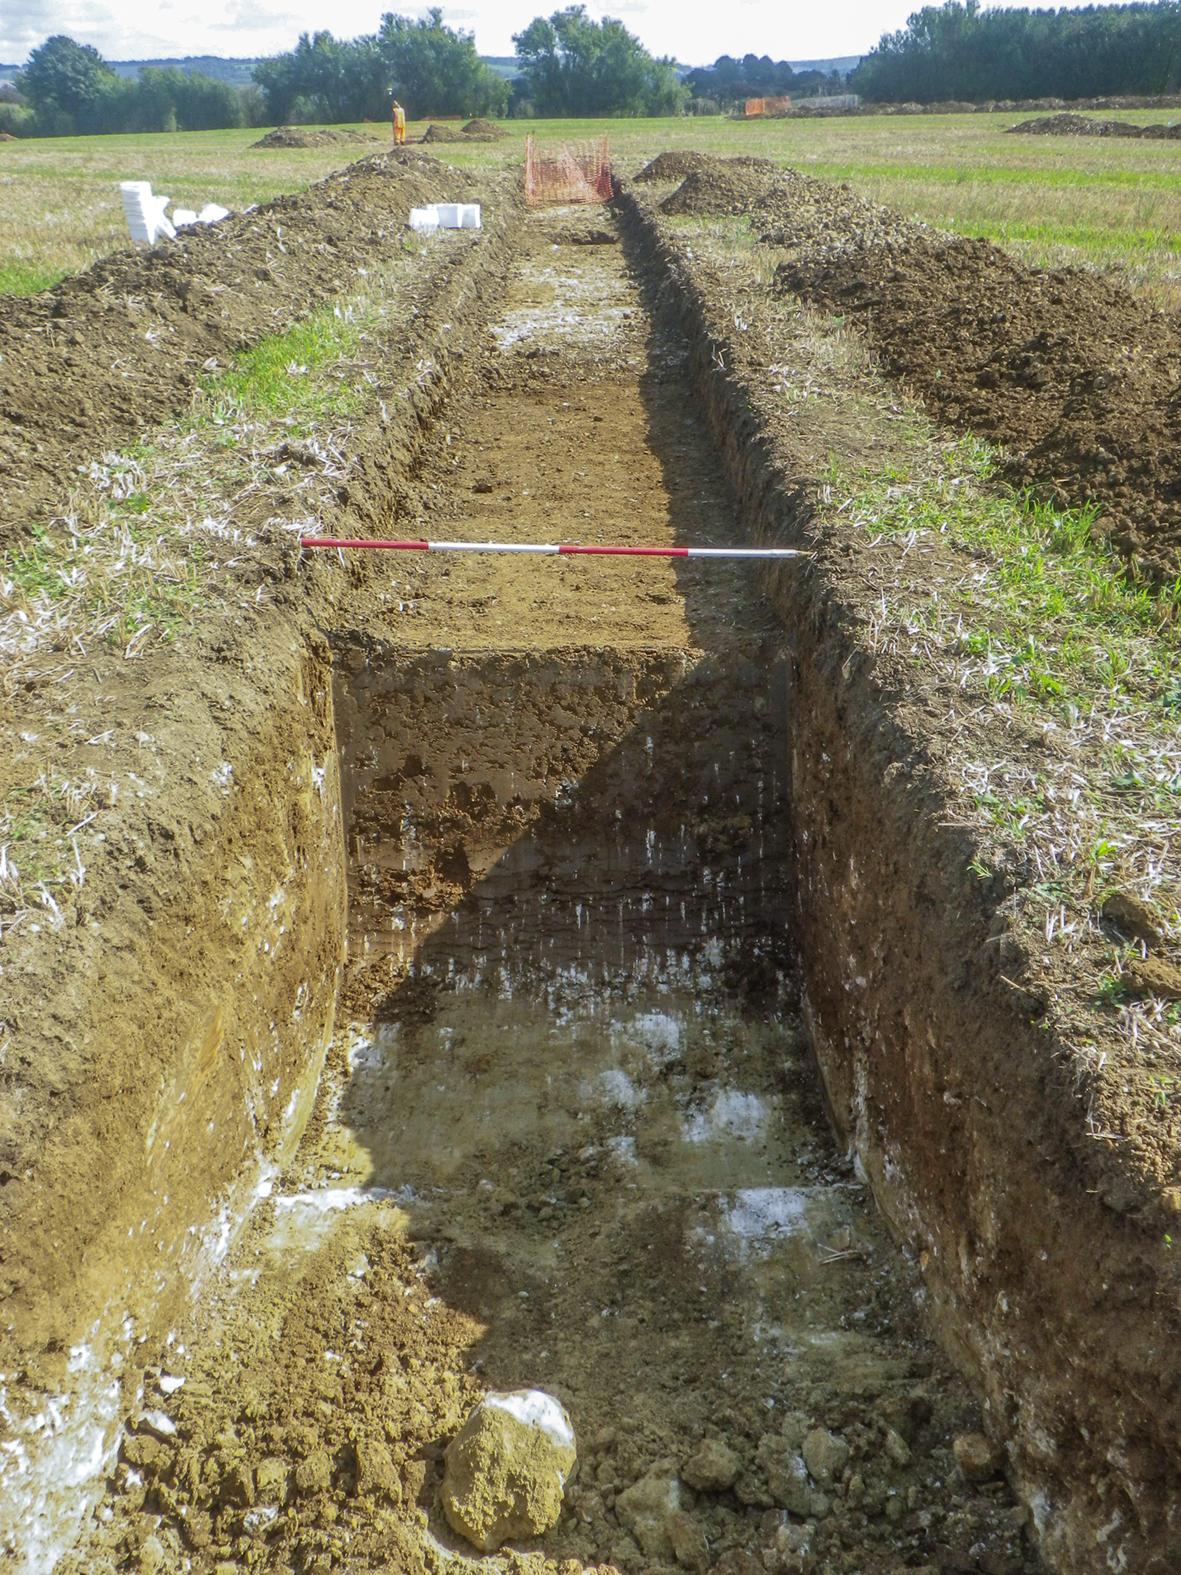 Machine-dug slot